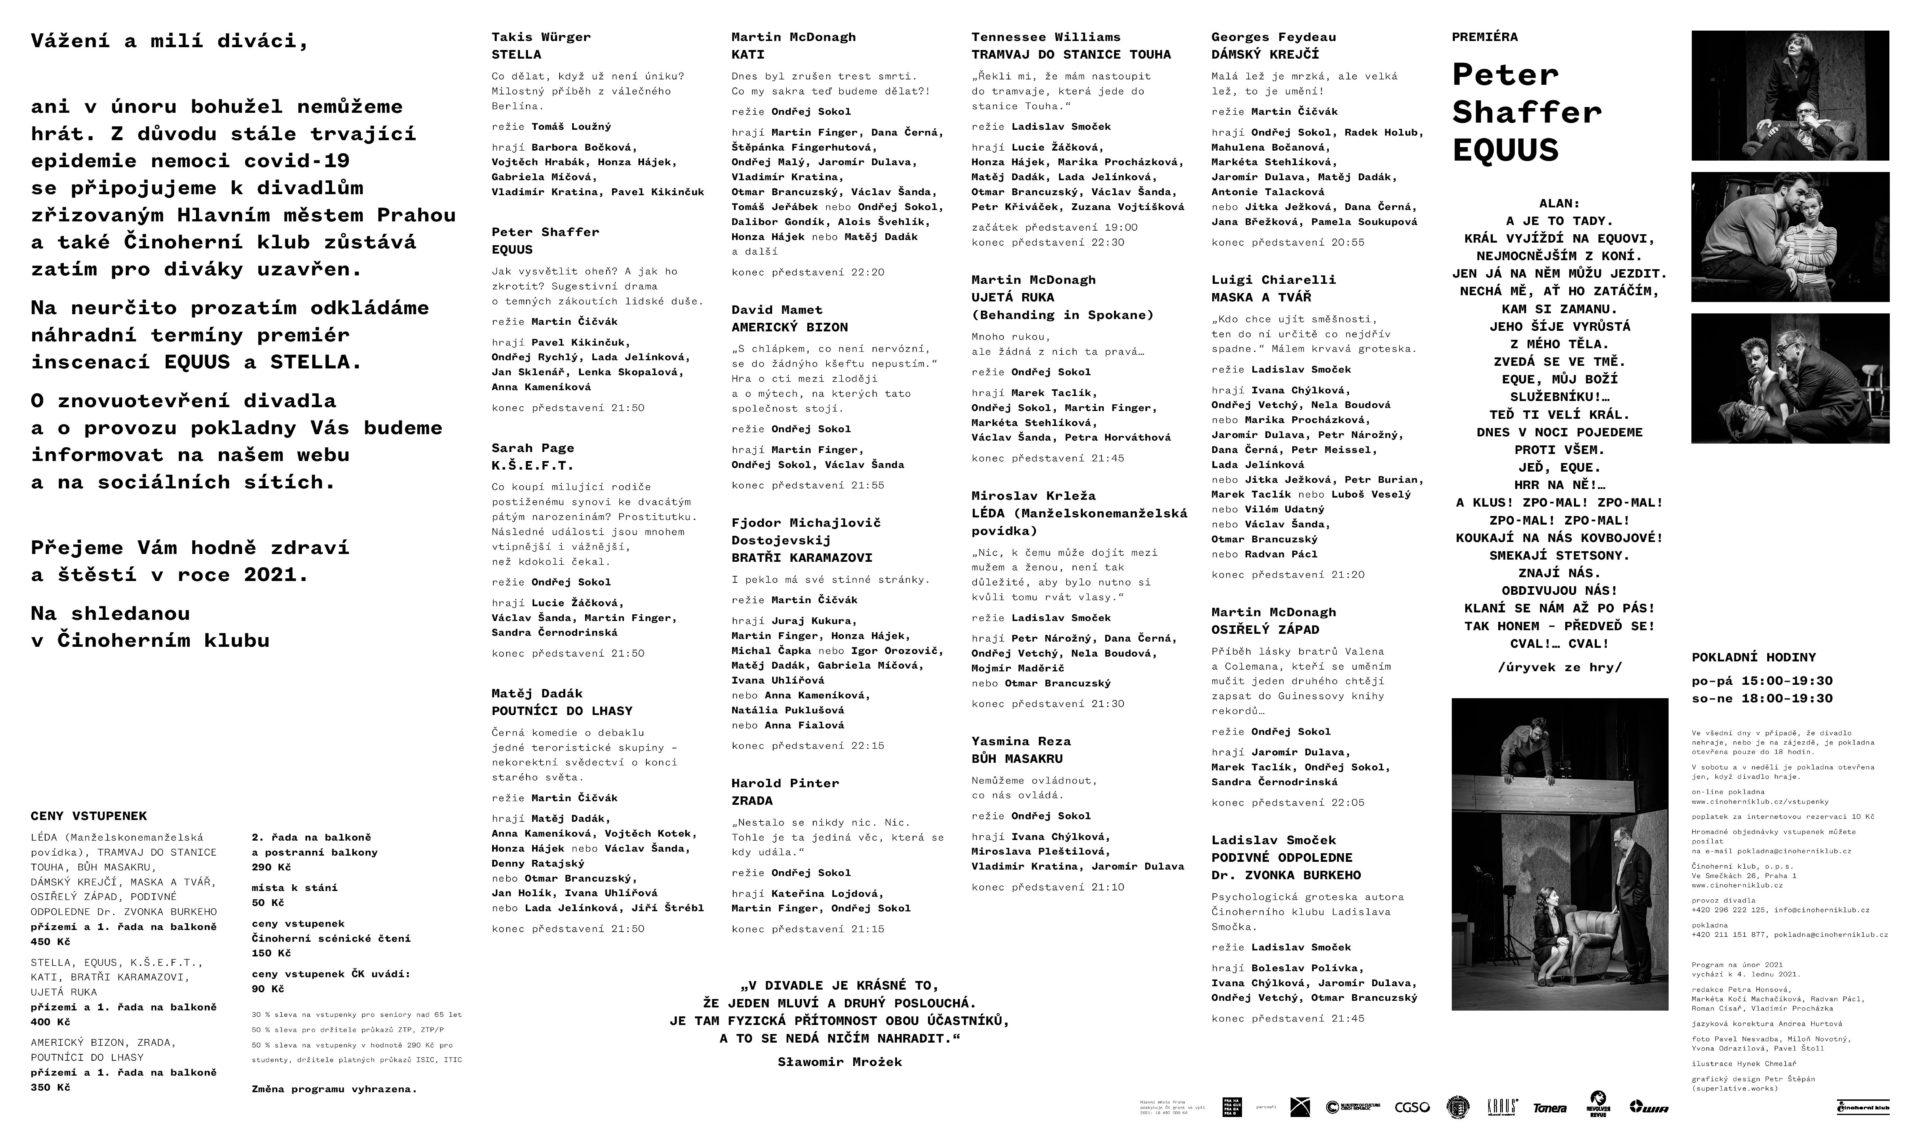 Program unor-page-003.